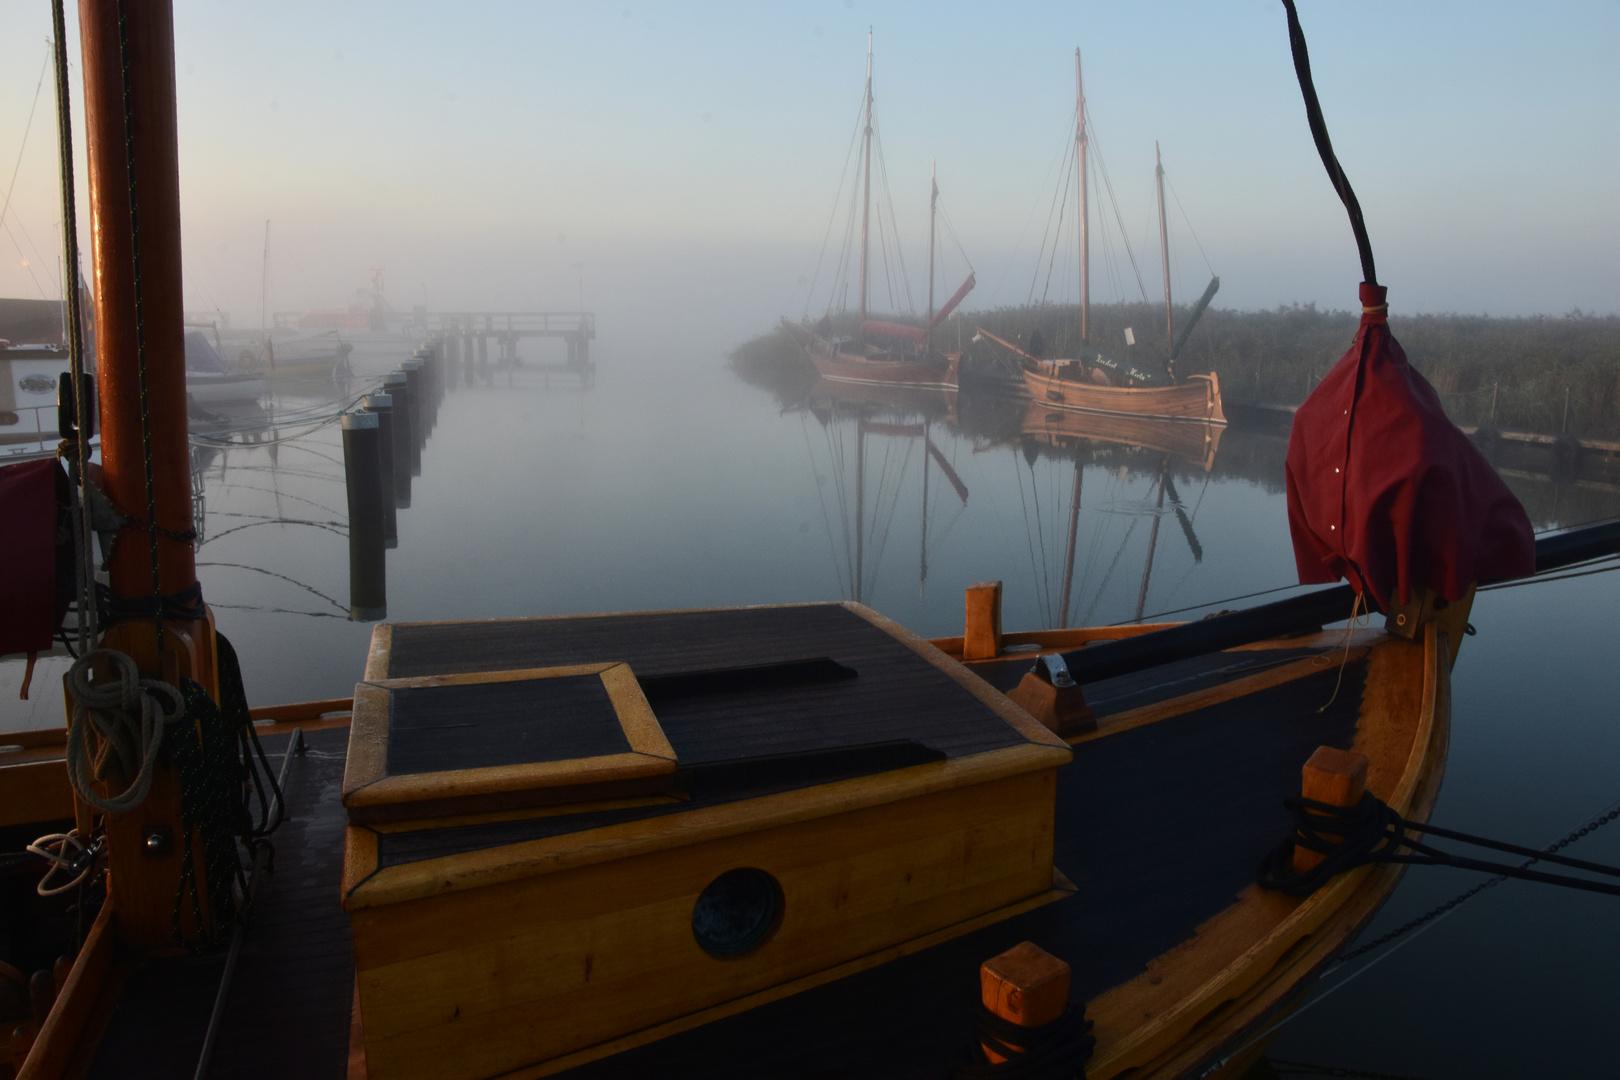 200921 - Zeesboote im Hafen